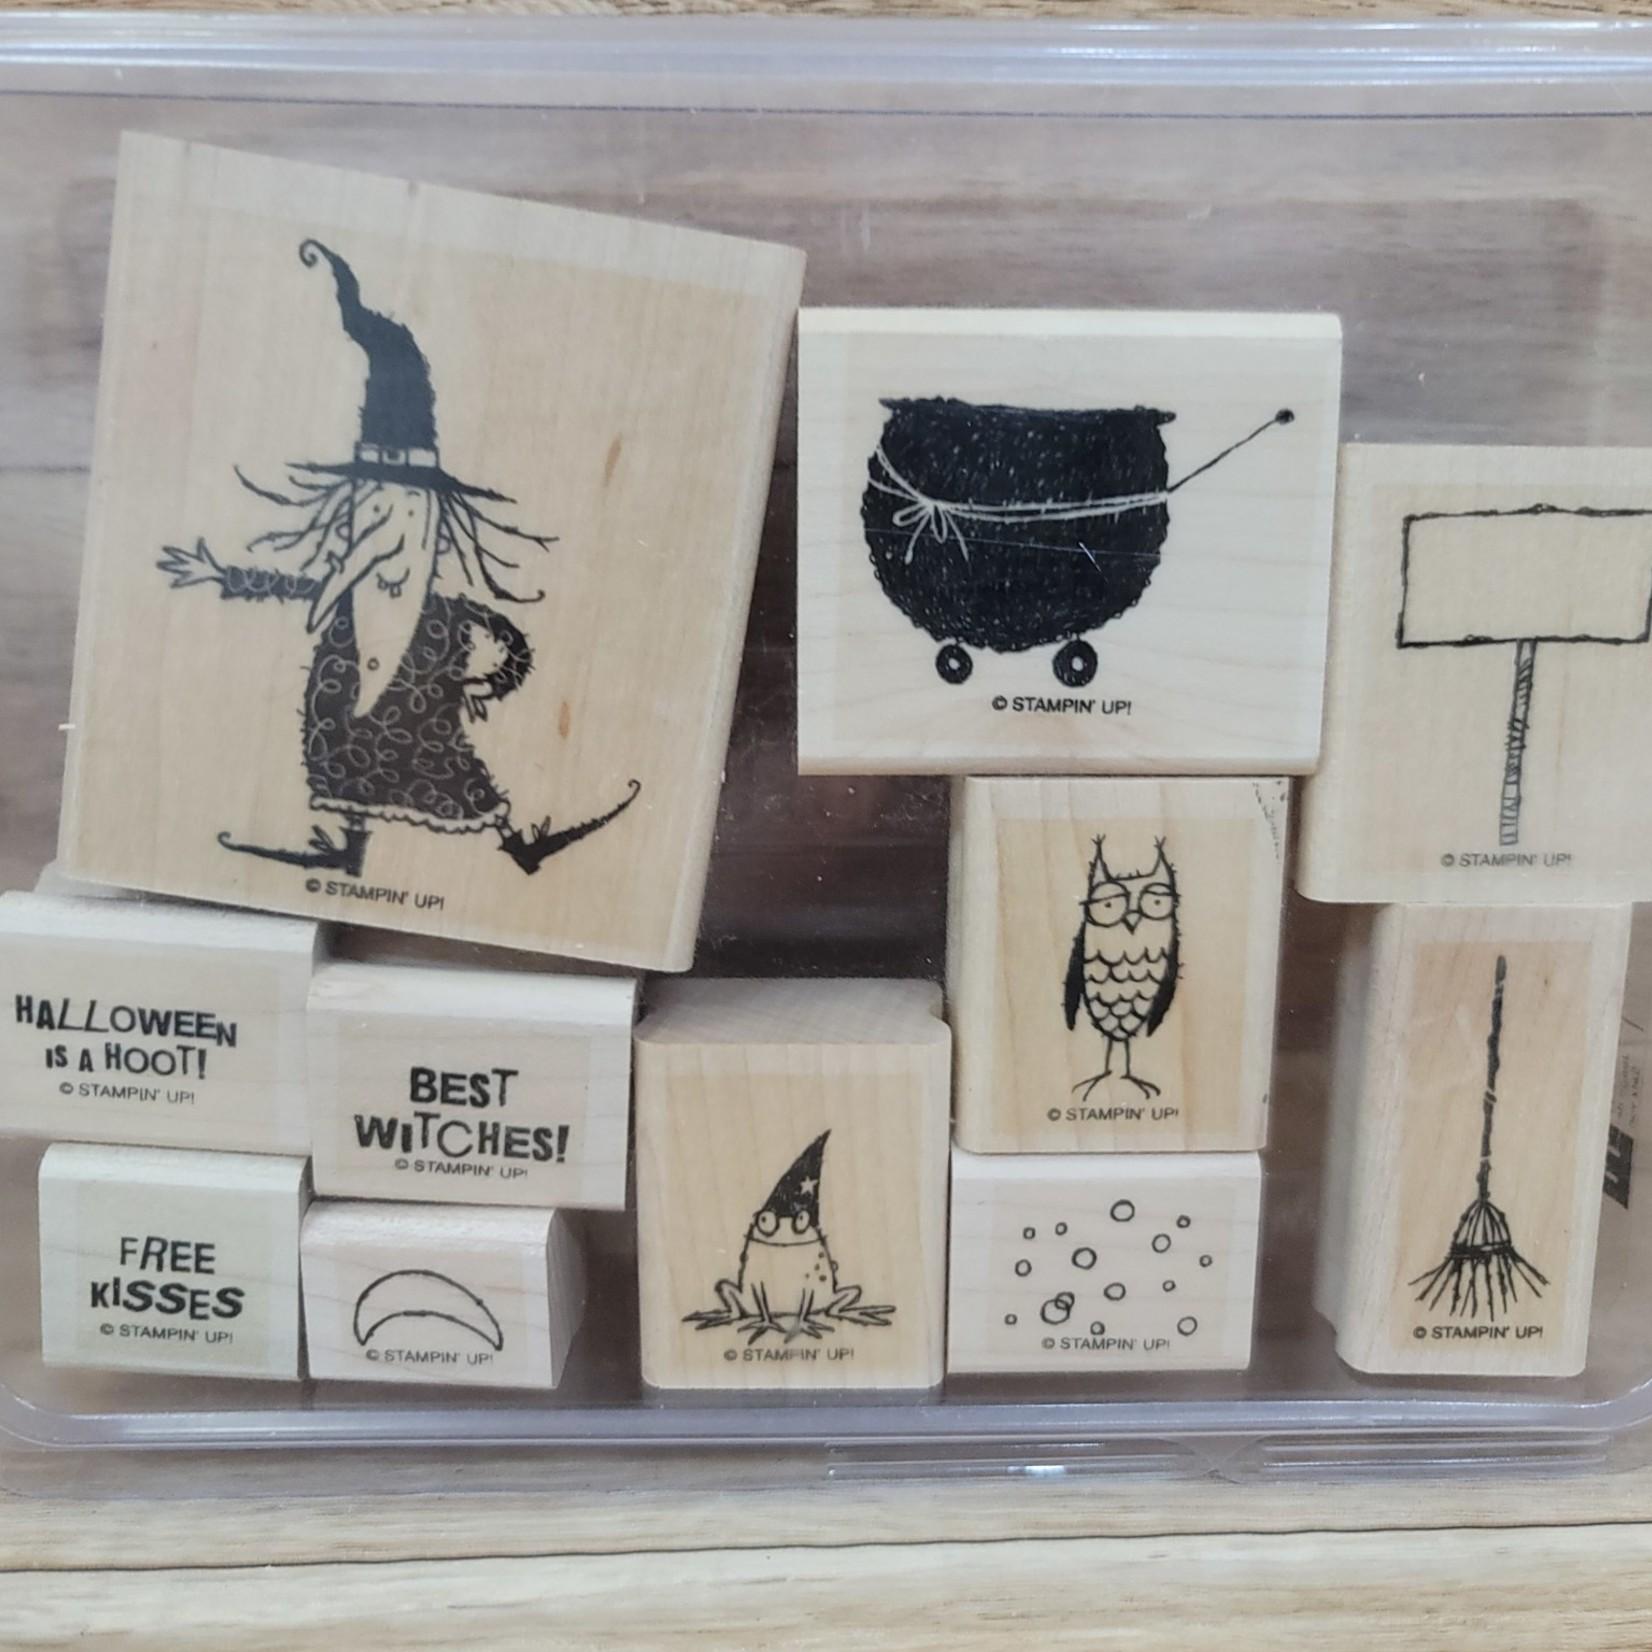 Stampin' Up Stampin Up - Block Stamp Set - Halloween Hoot